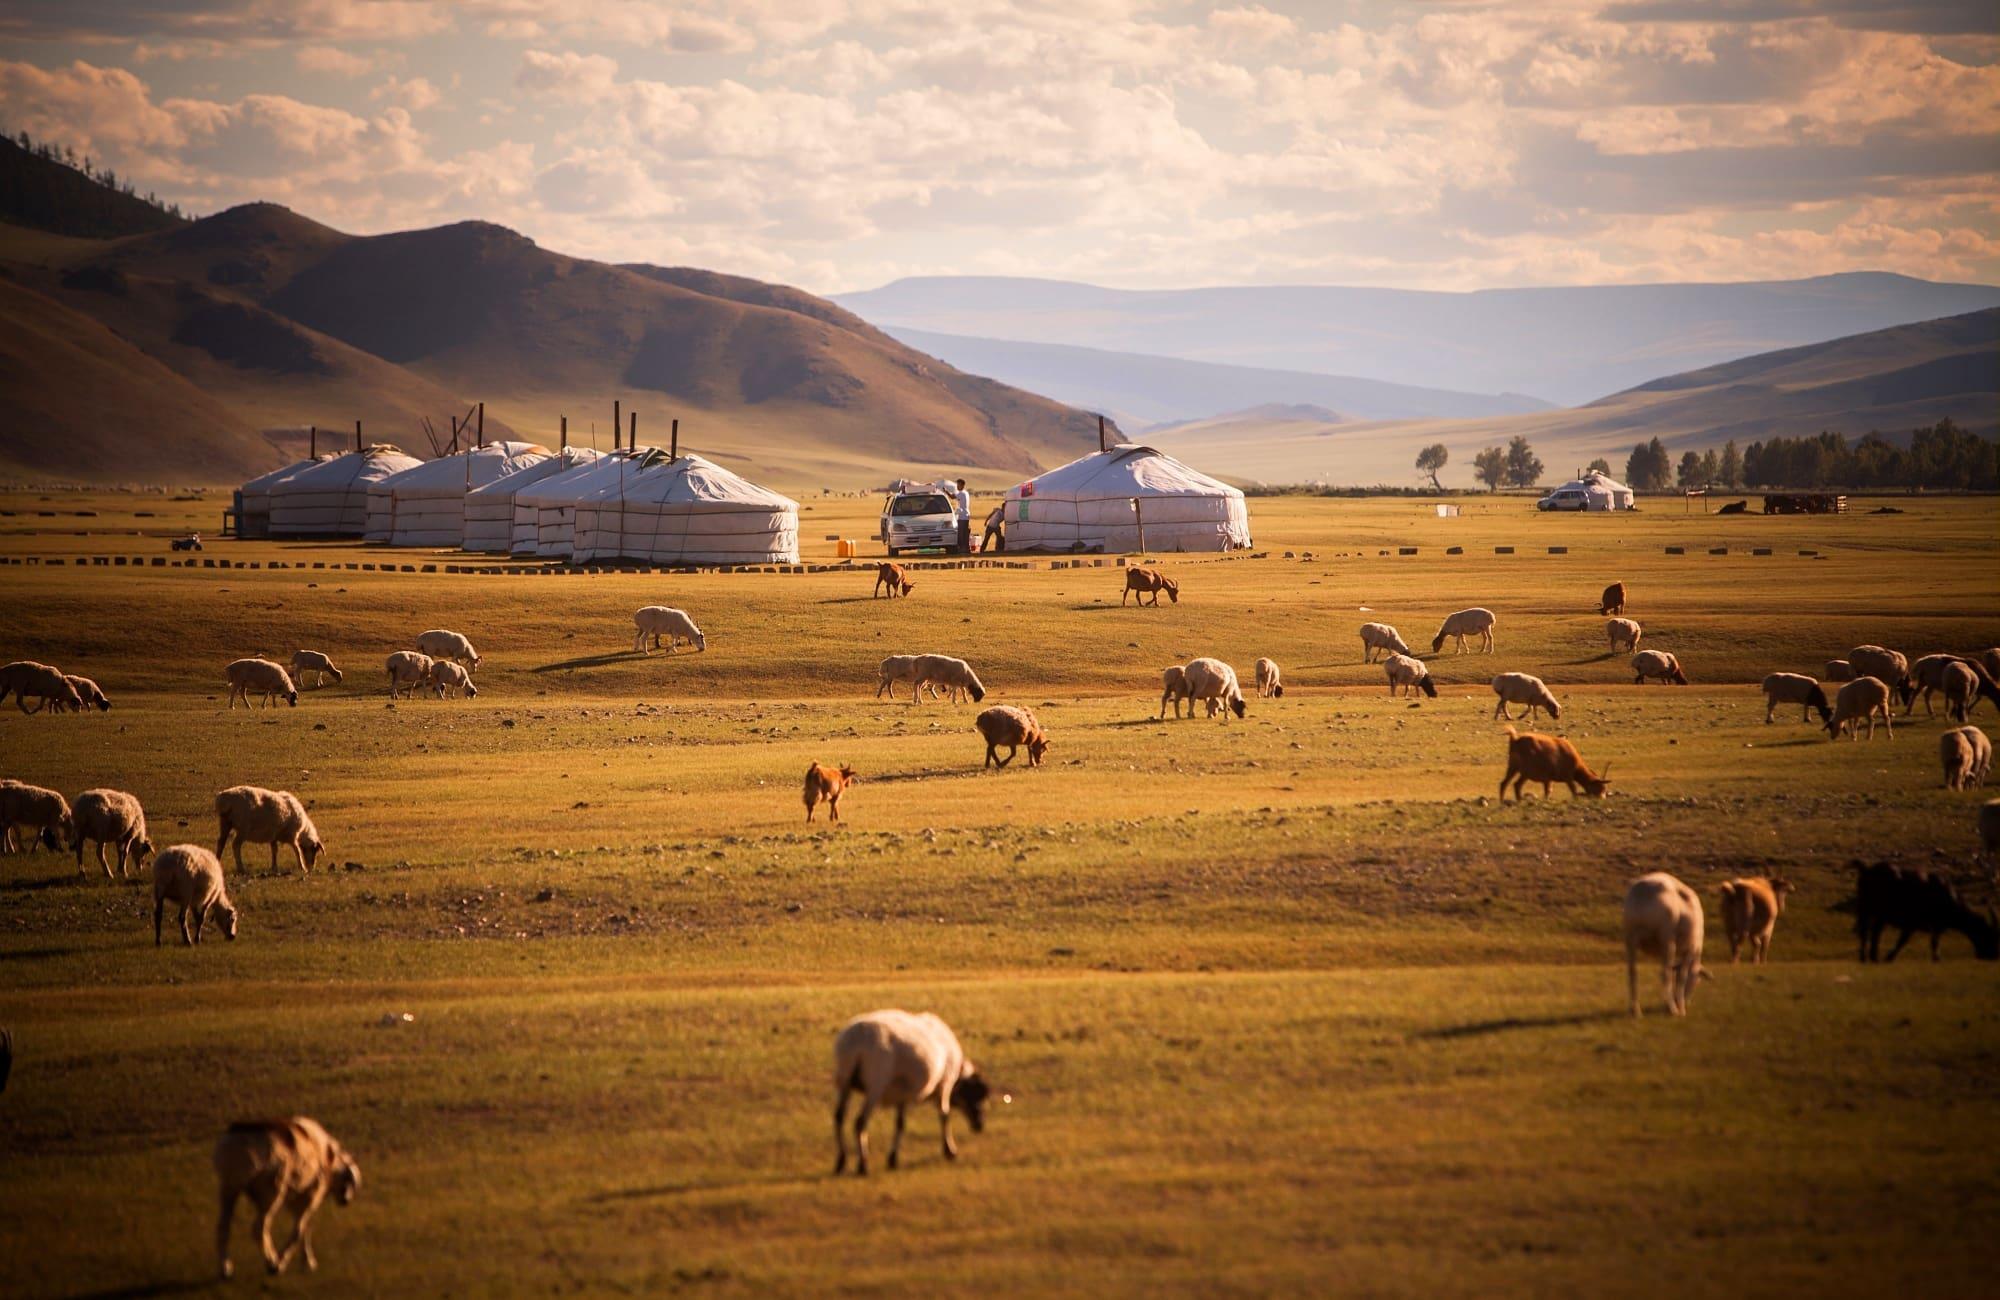 Campement de yourtes dans les steppes mongole